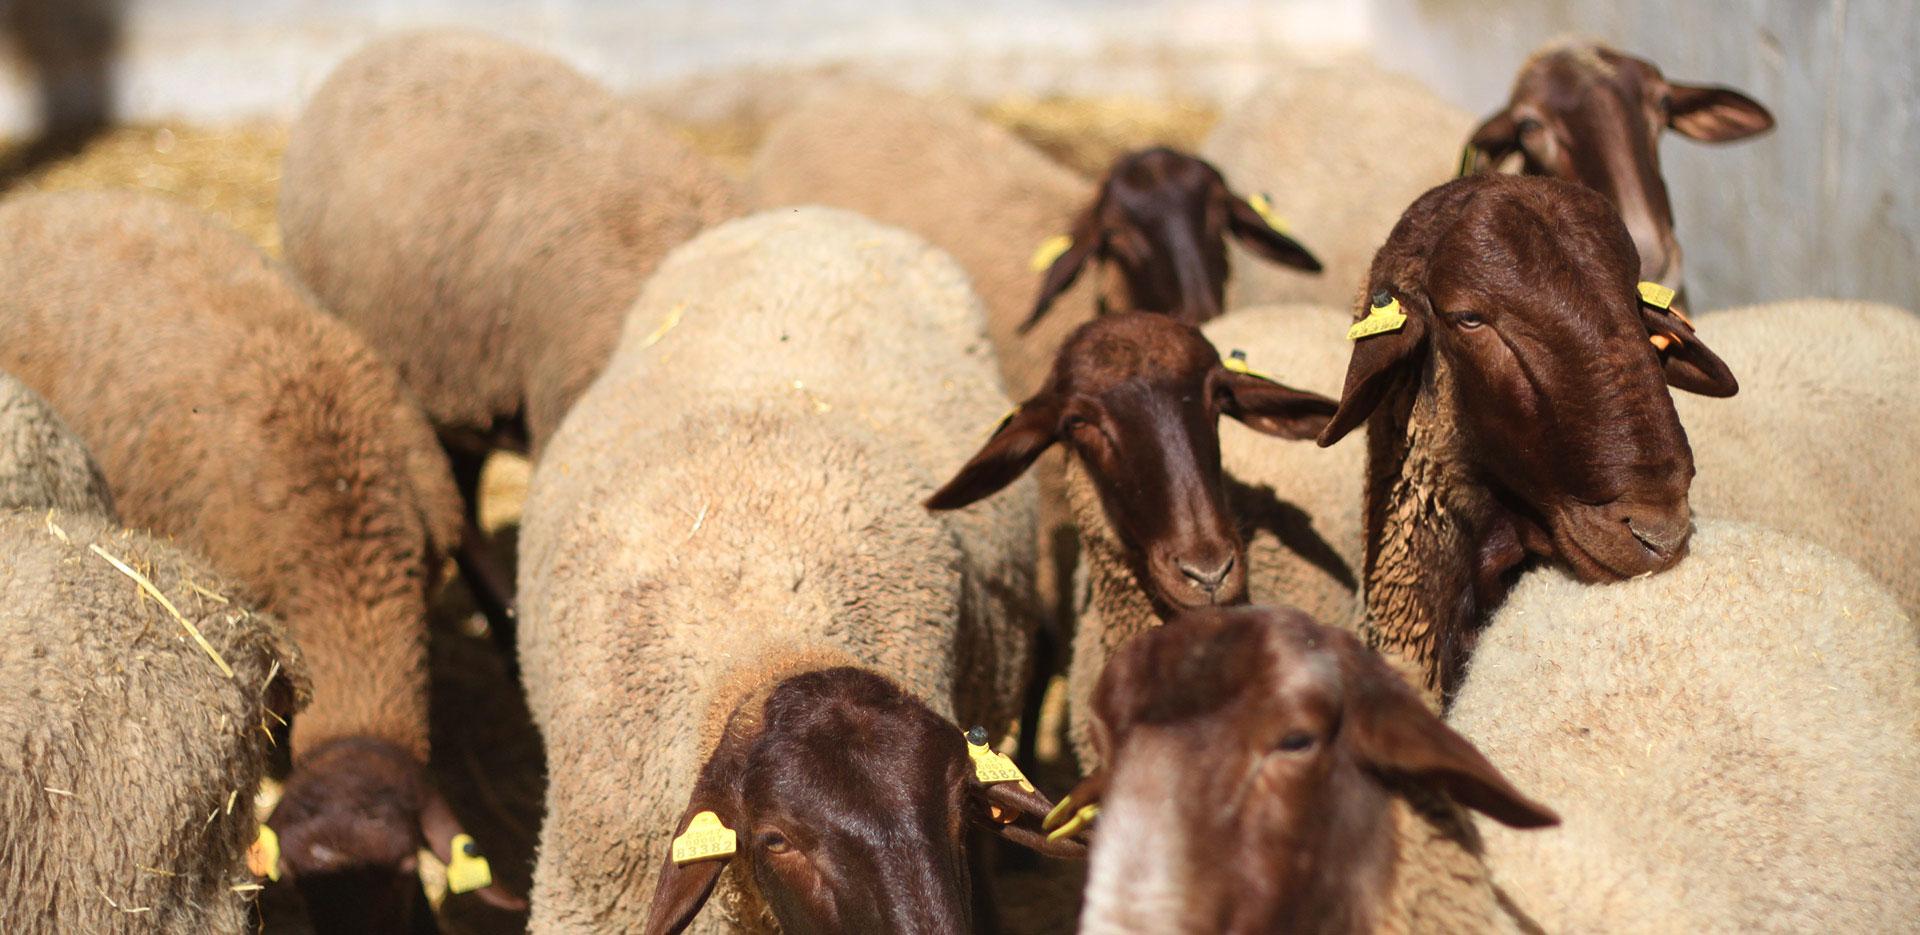 Producció ramadera sostenible